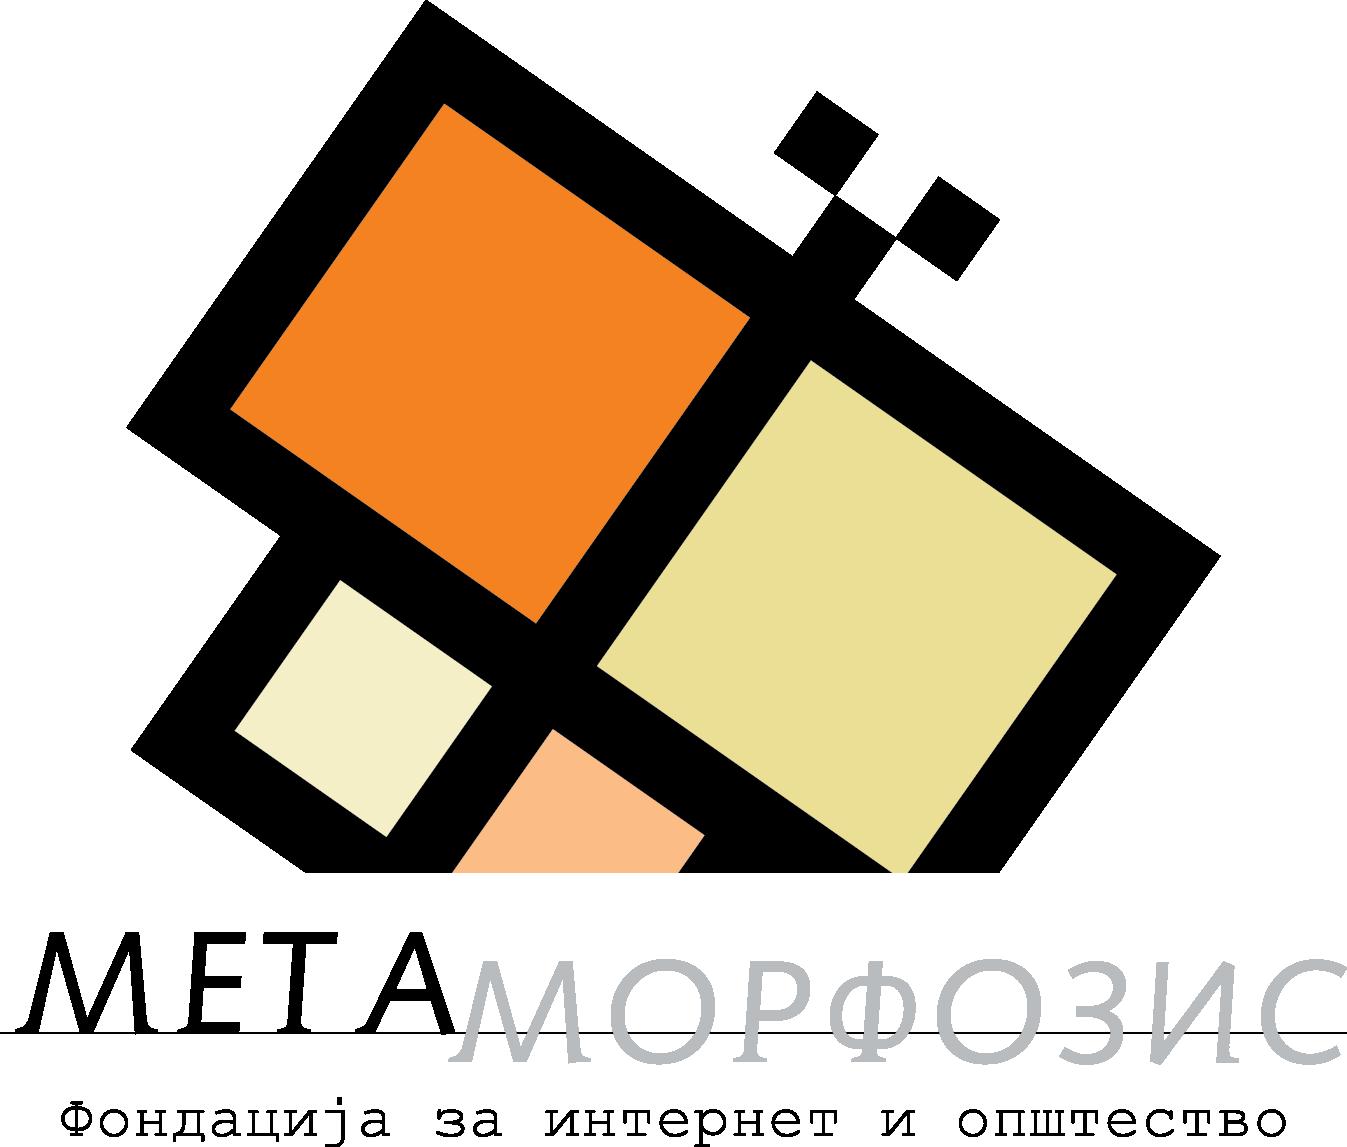 mediumski-item-img-1.png